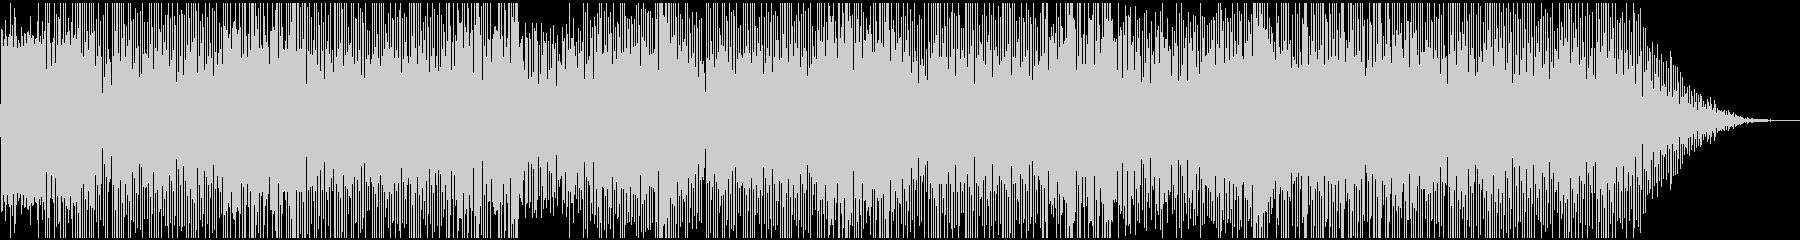 オープニング向き、軽快なBGMの未再生の波形